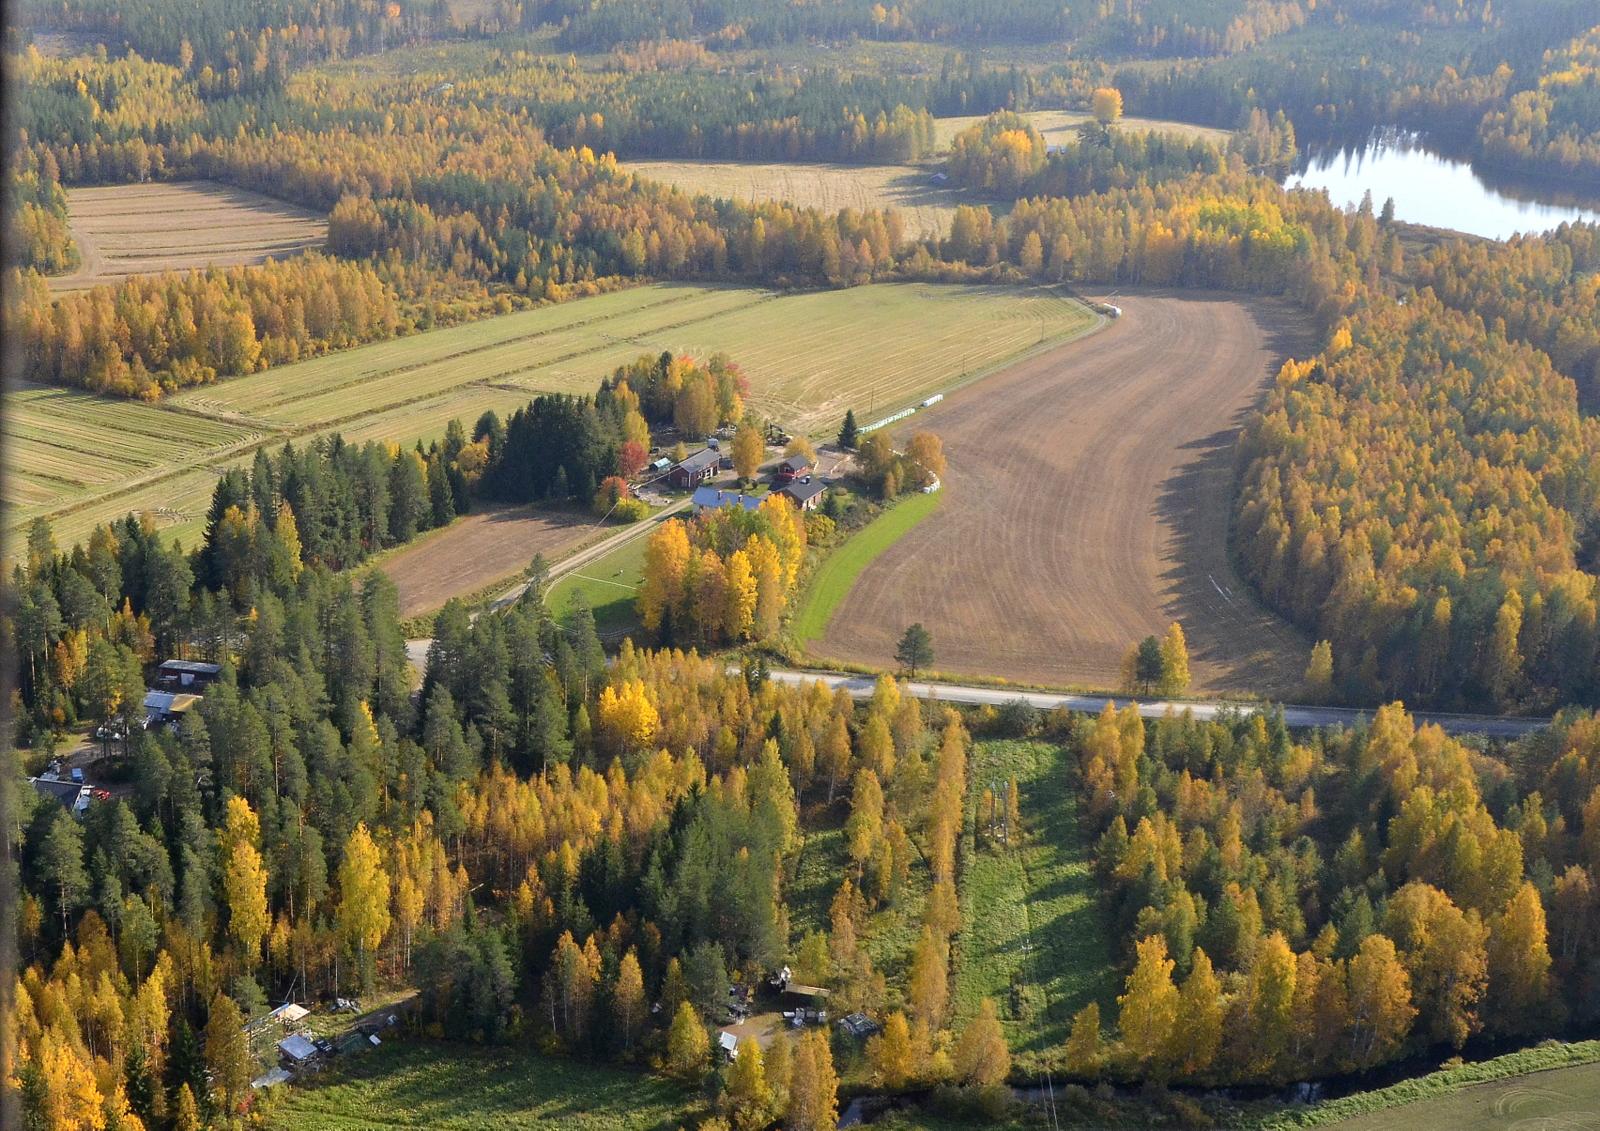 Ruuhijärvi, taustalla Ruuhilampi. Etenen tien (Viitasaari-Saarijärvi) läheisyydessä.